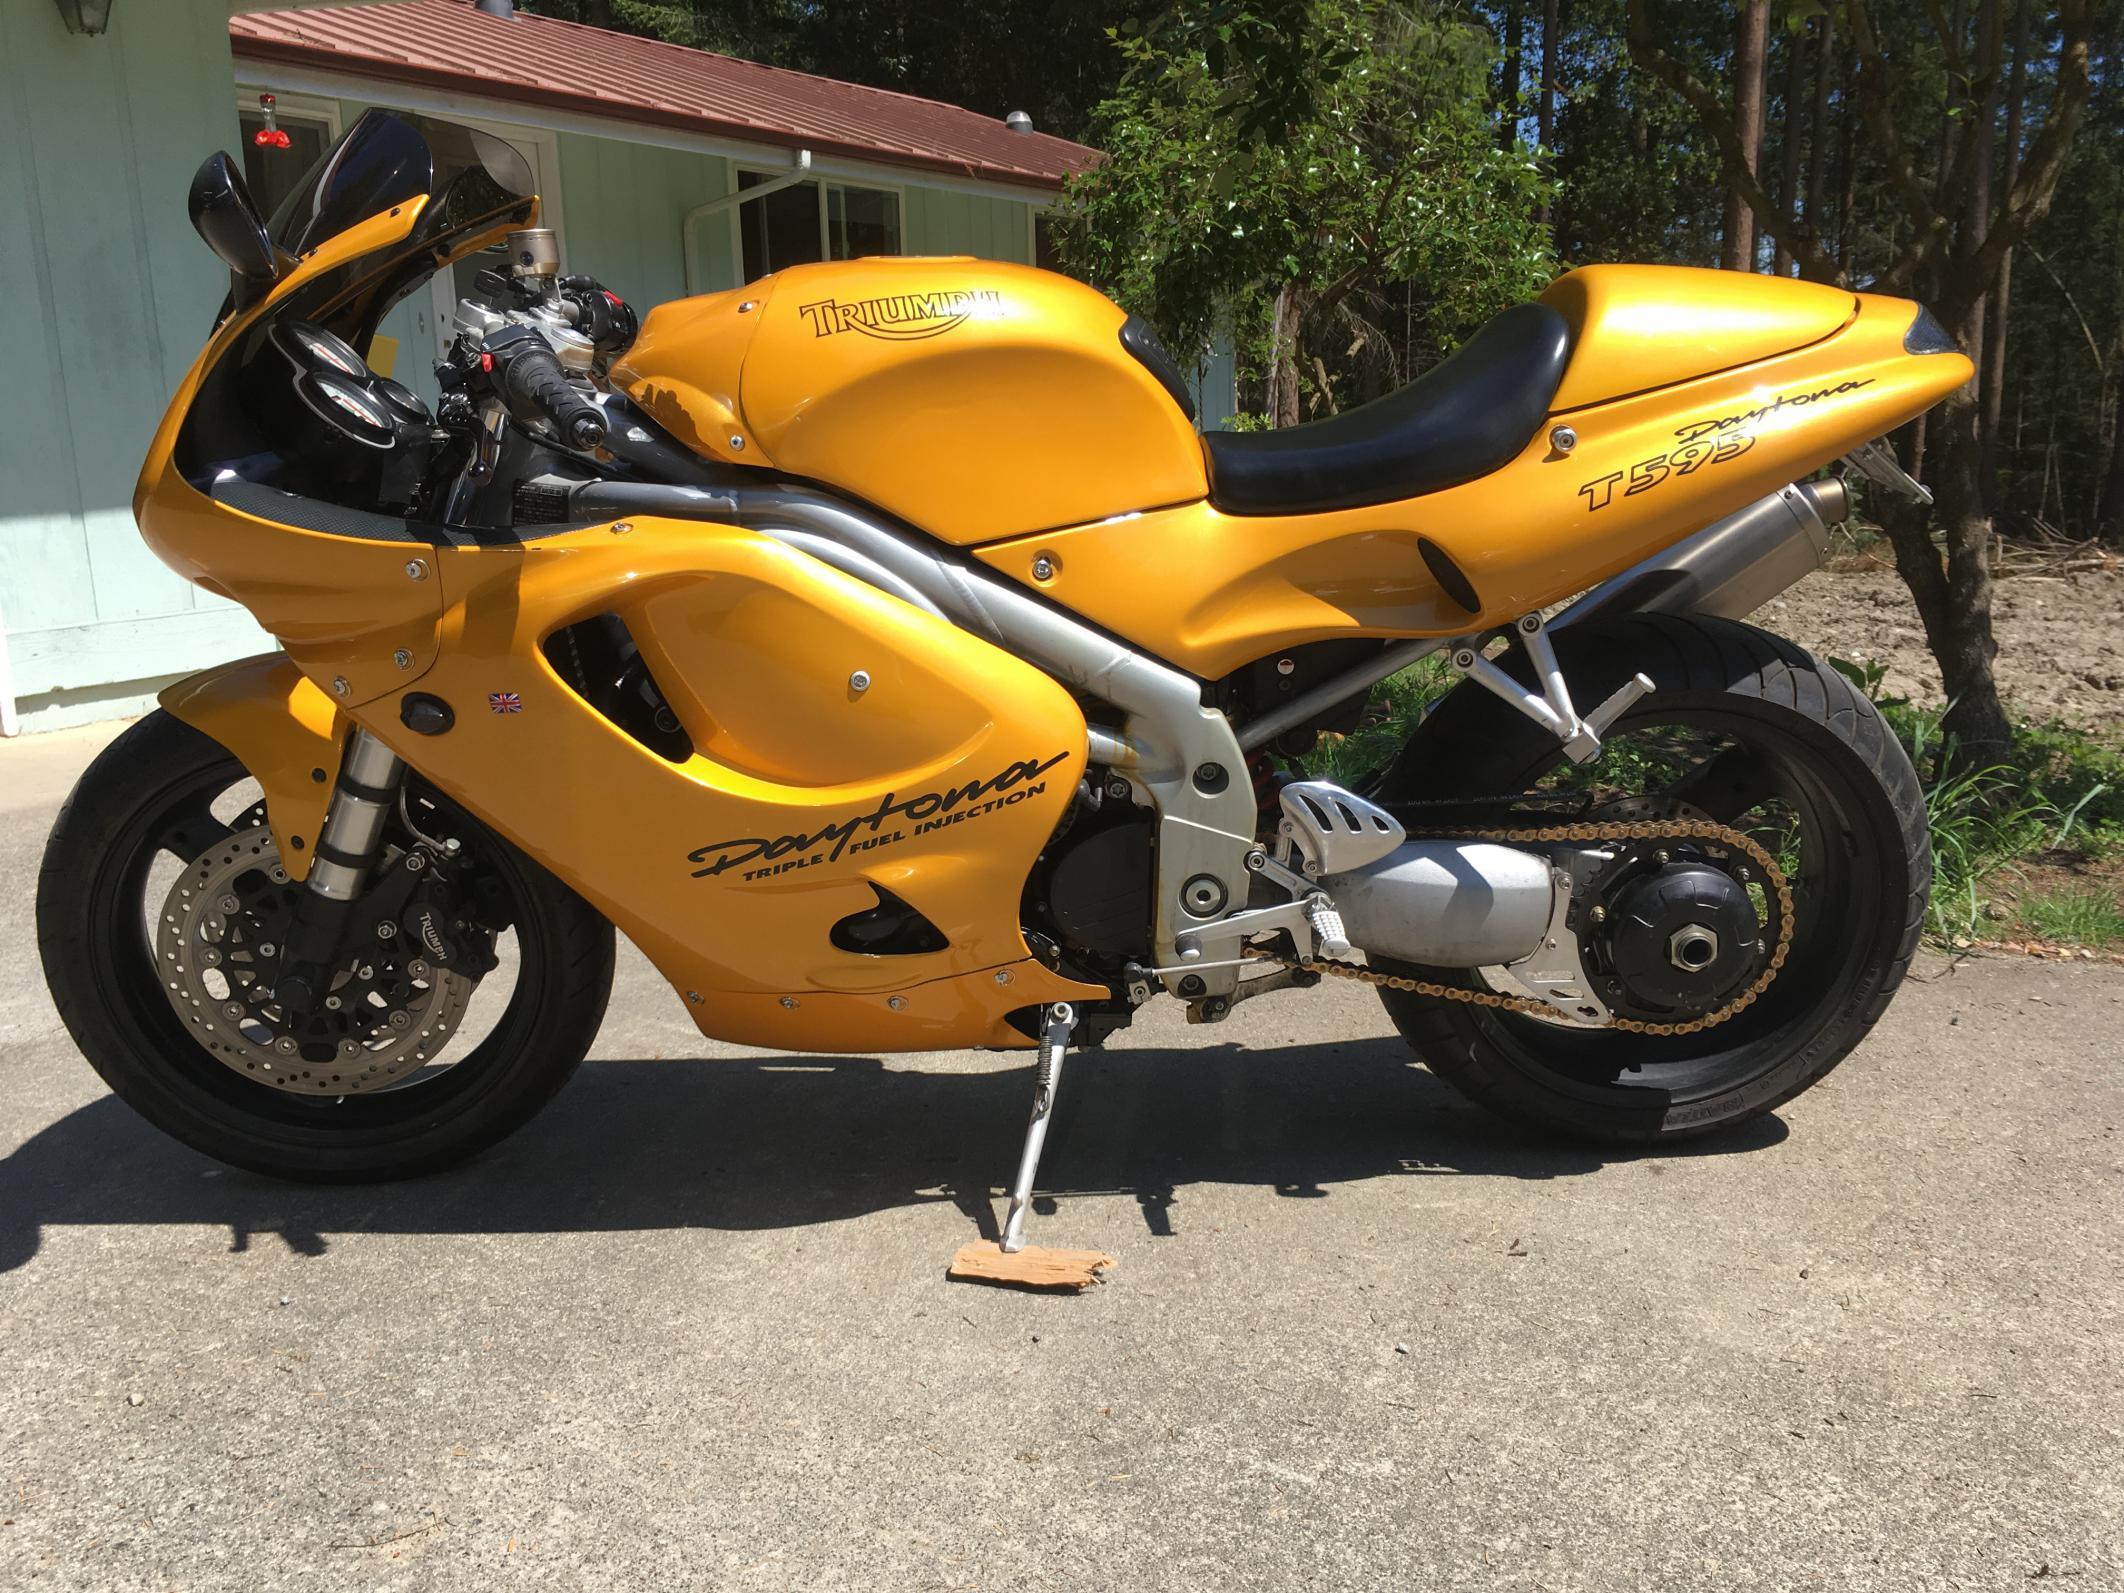 T595 rider in the Seattle area - Triumph Forum: Triumph ...